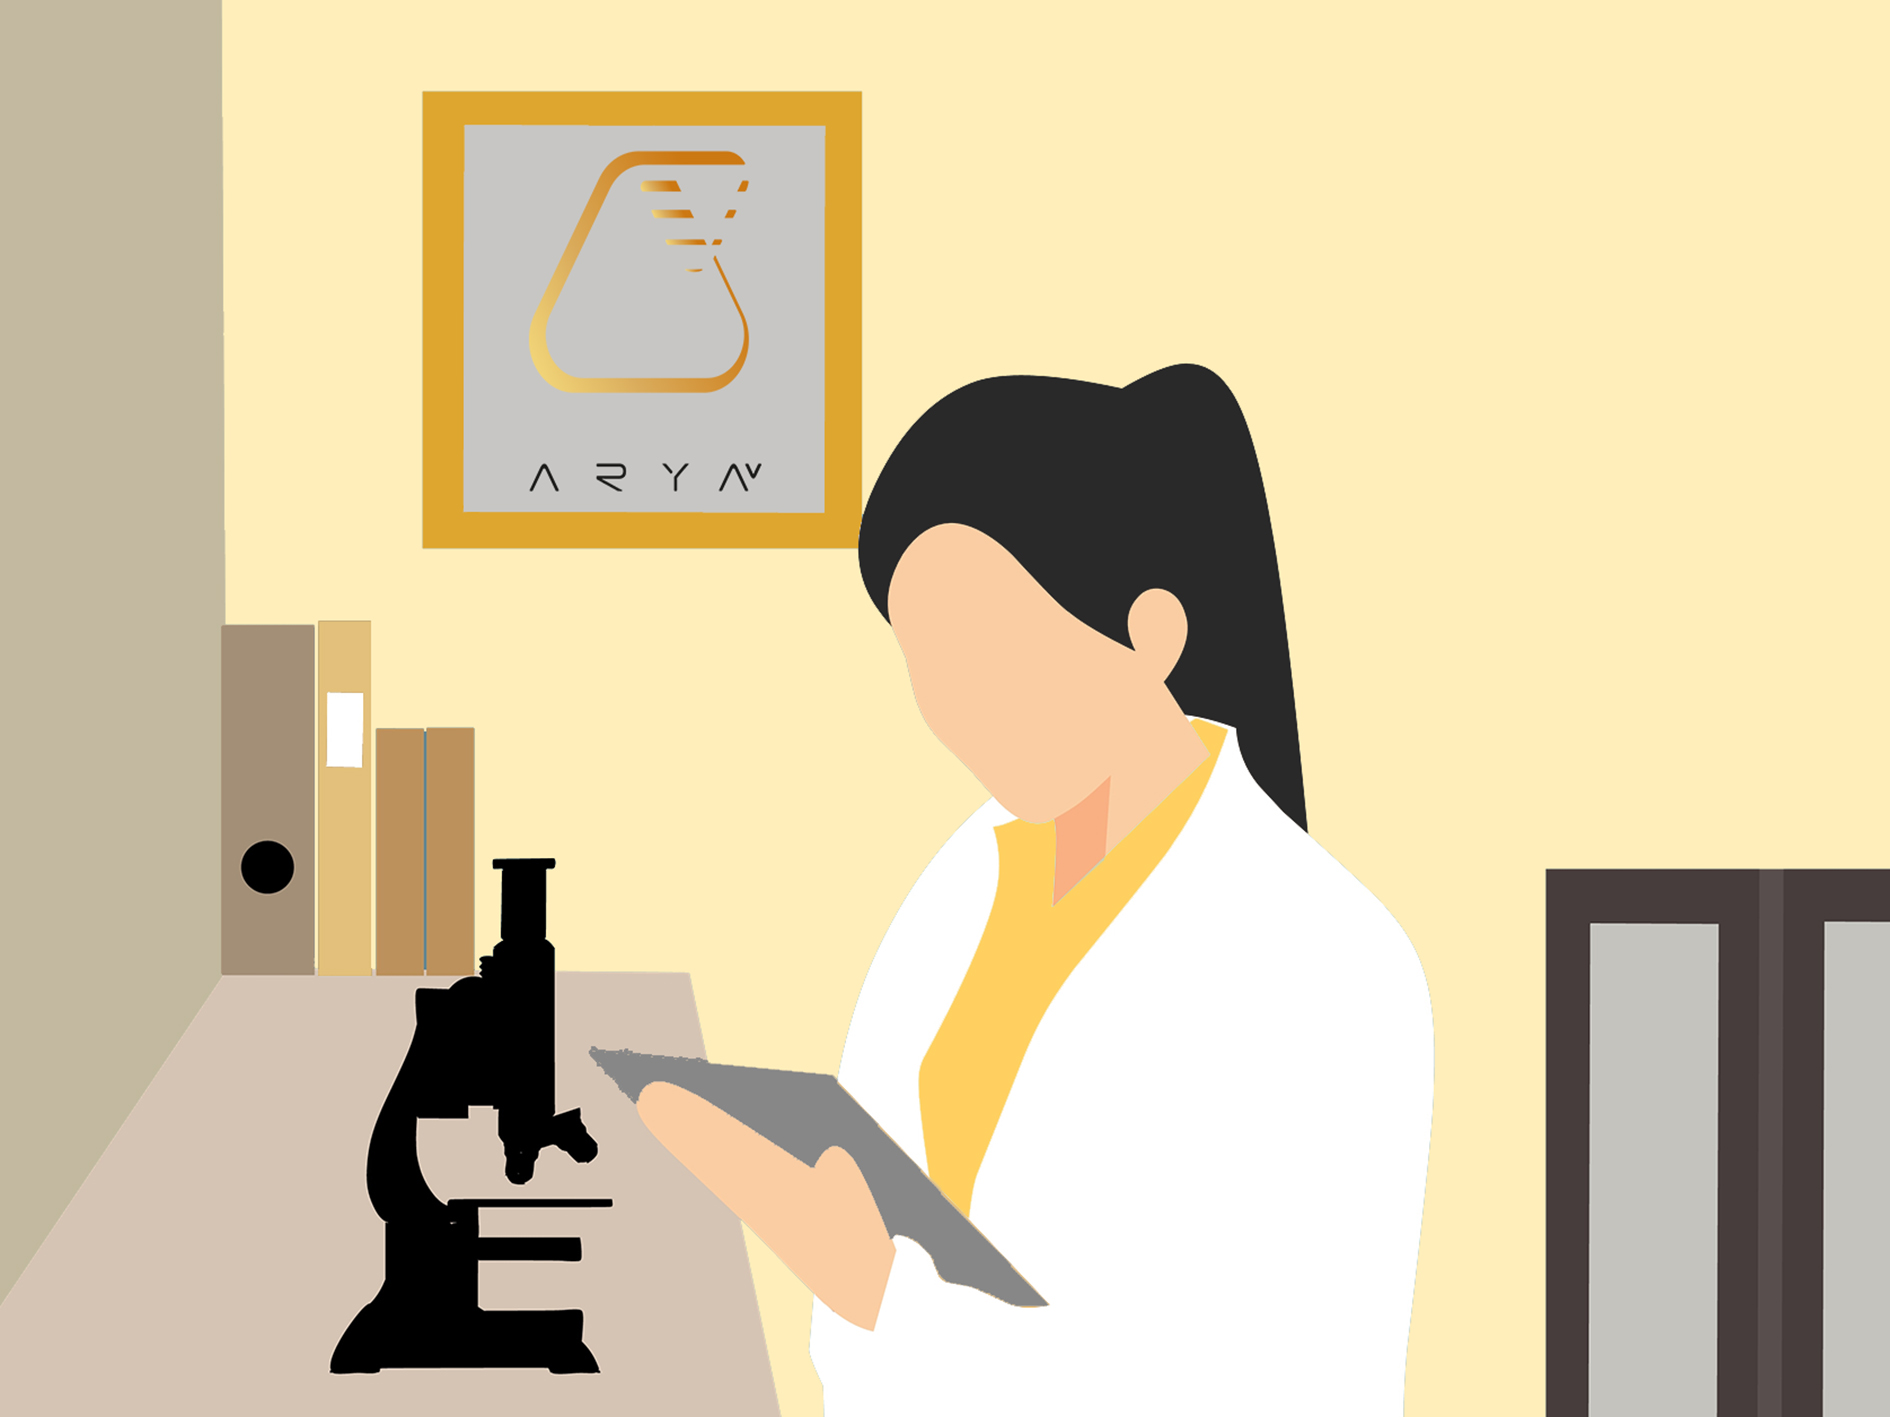 La place de la recherche scientifique